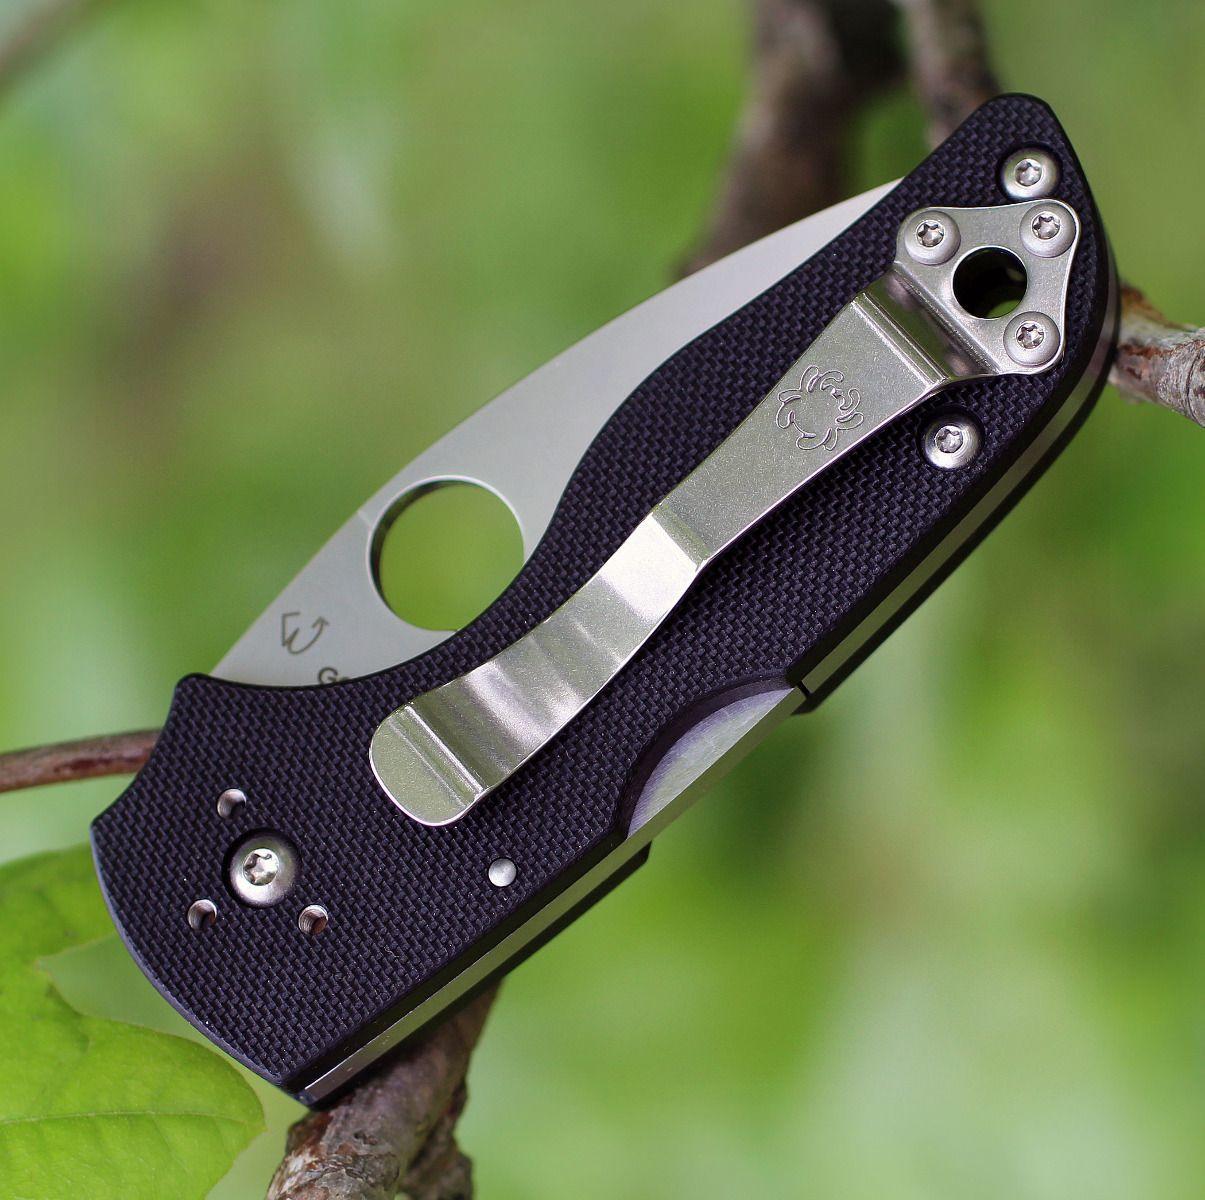 Фото 5 - Нож складной Lil' Native MID - Spyderco 230MBGS, сталь Crucible CPM® S30V™ Satin Serrated, рукоять стеклотекстолит G10, чёрный